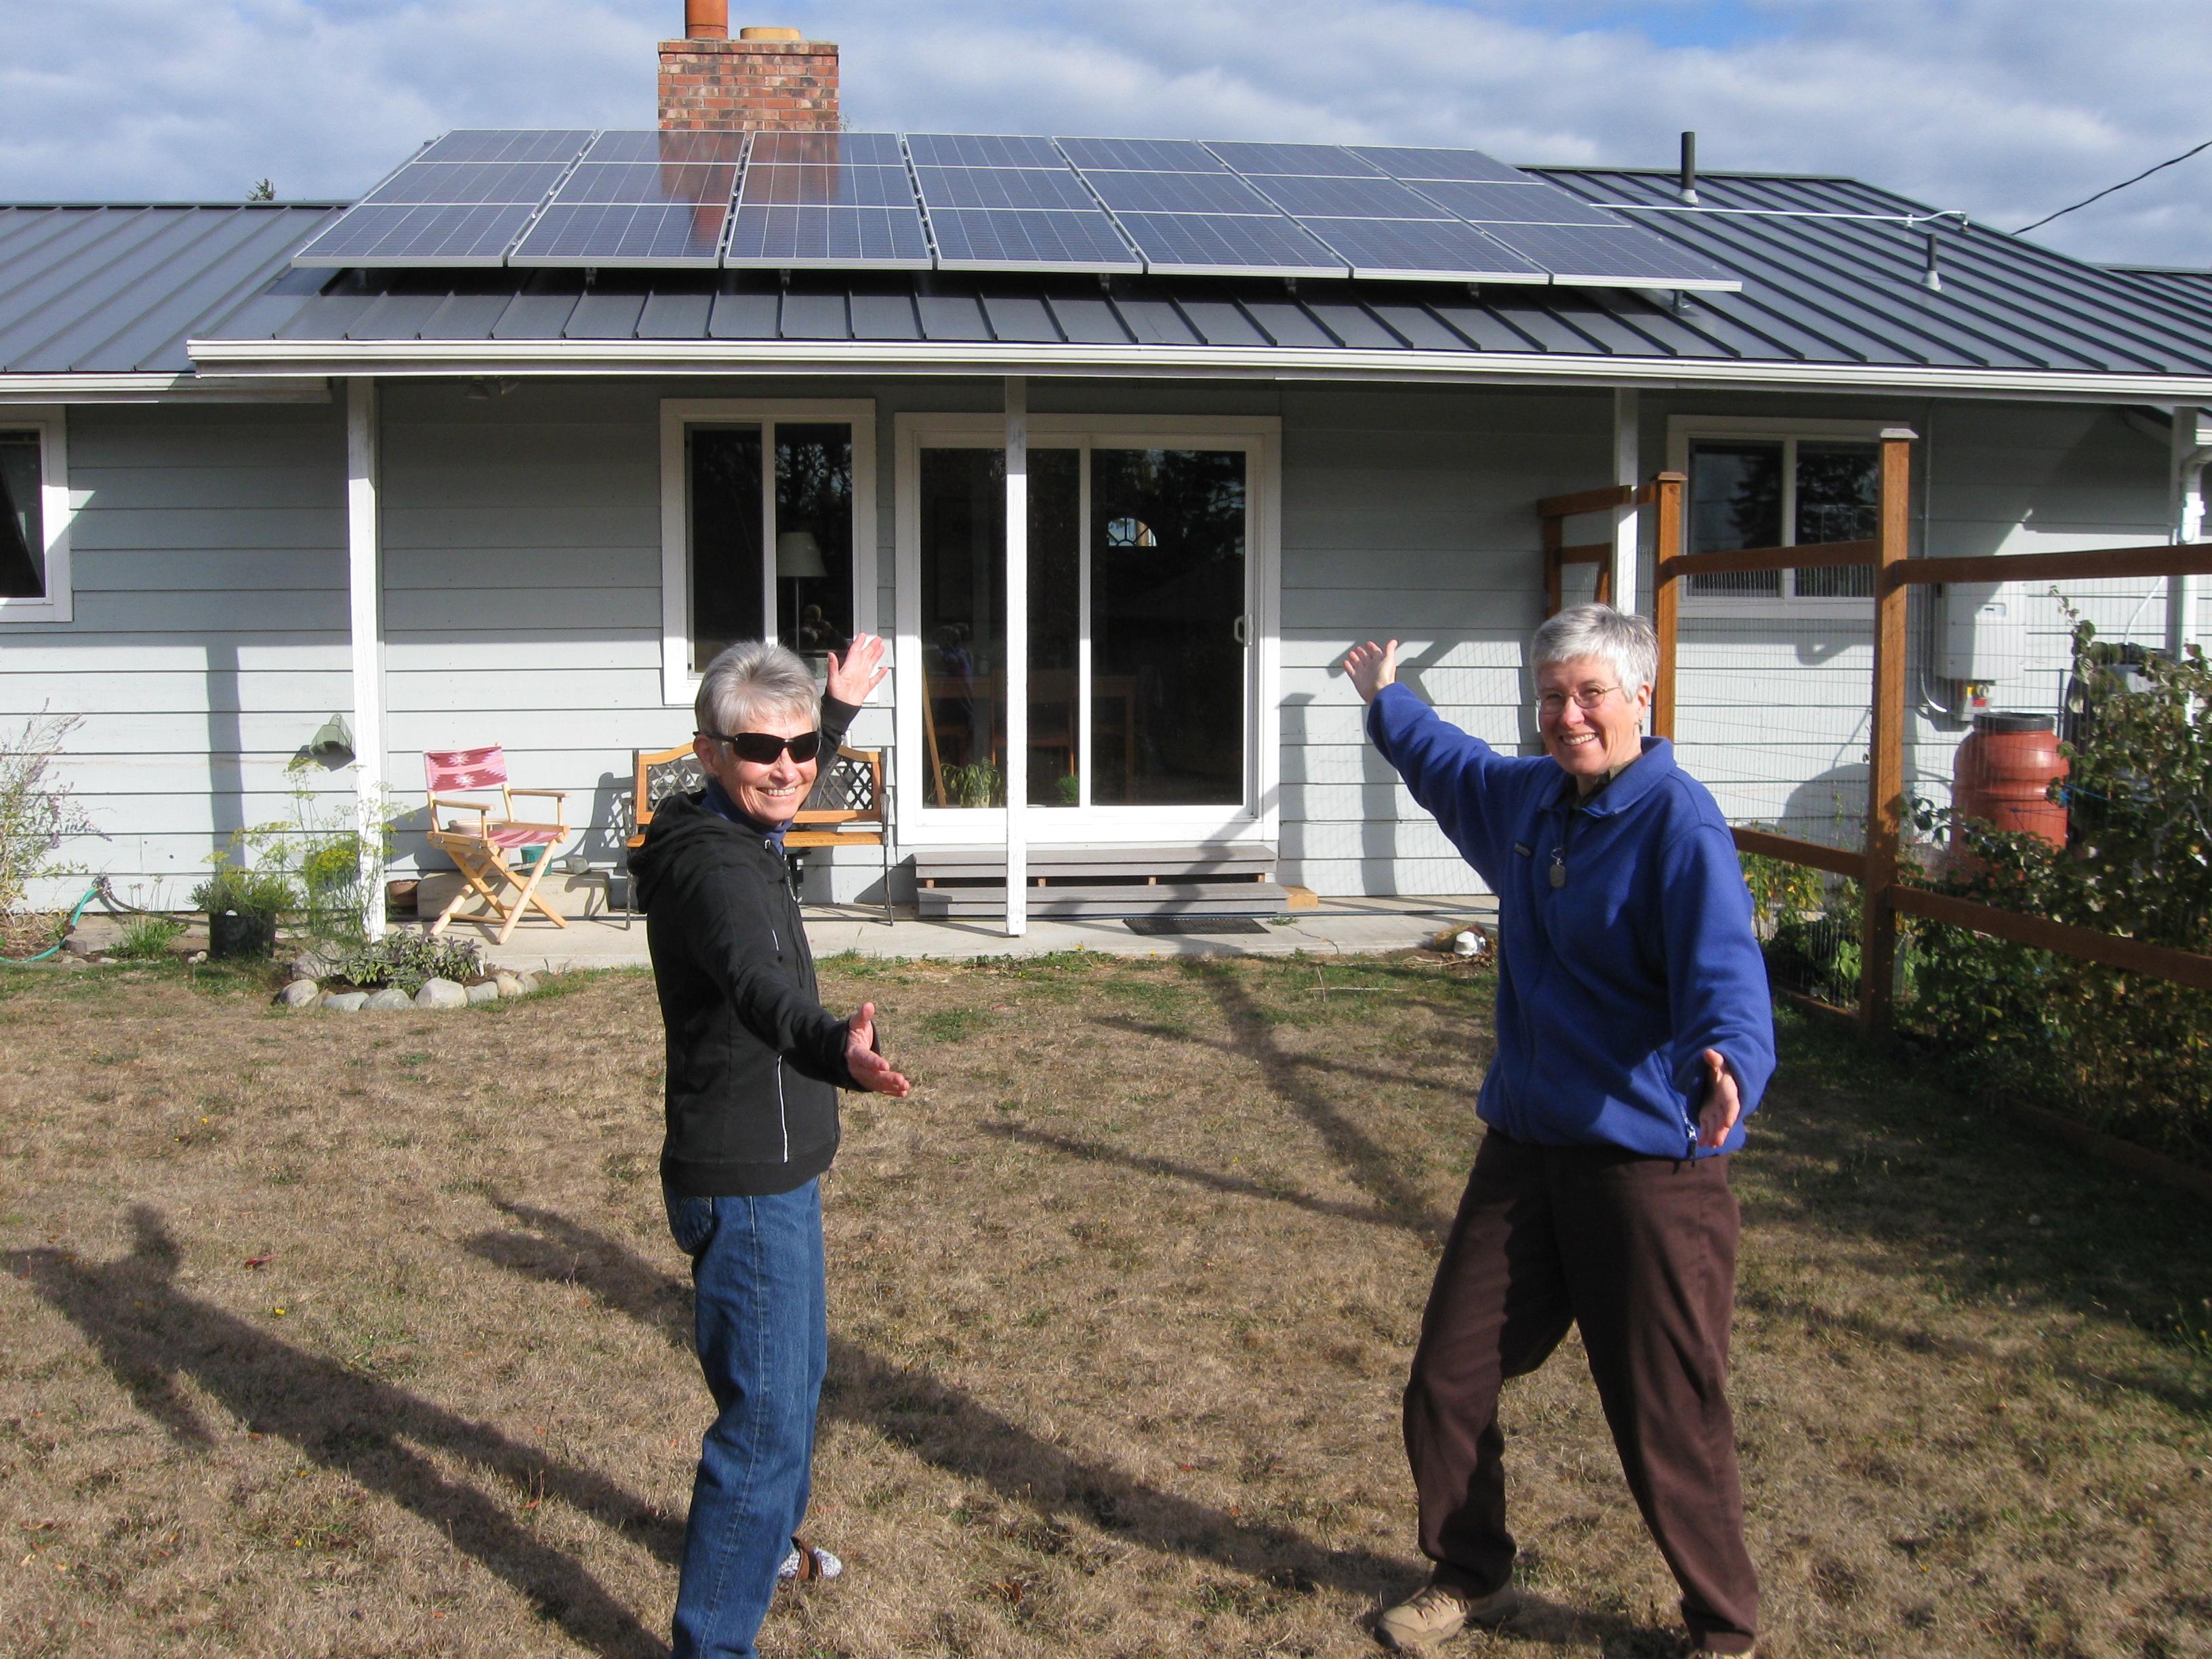 Haasl – Wiese Residence, 4.305 KW, Port Townsend, 2009